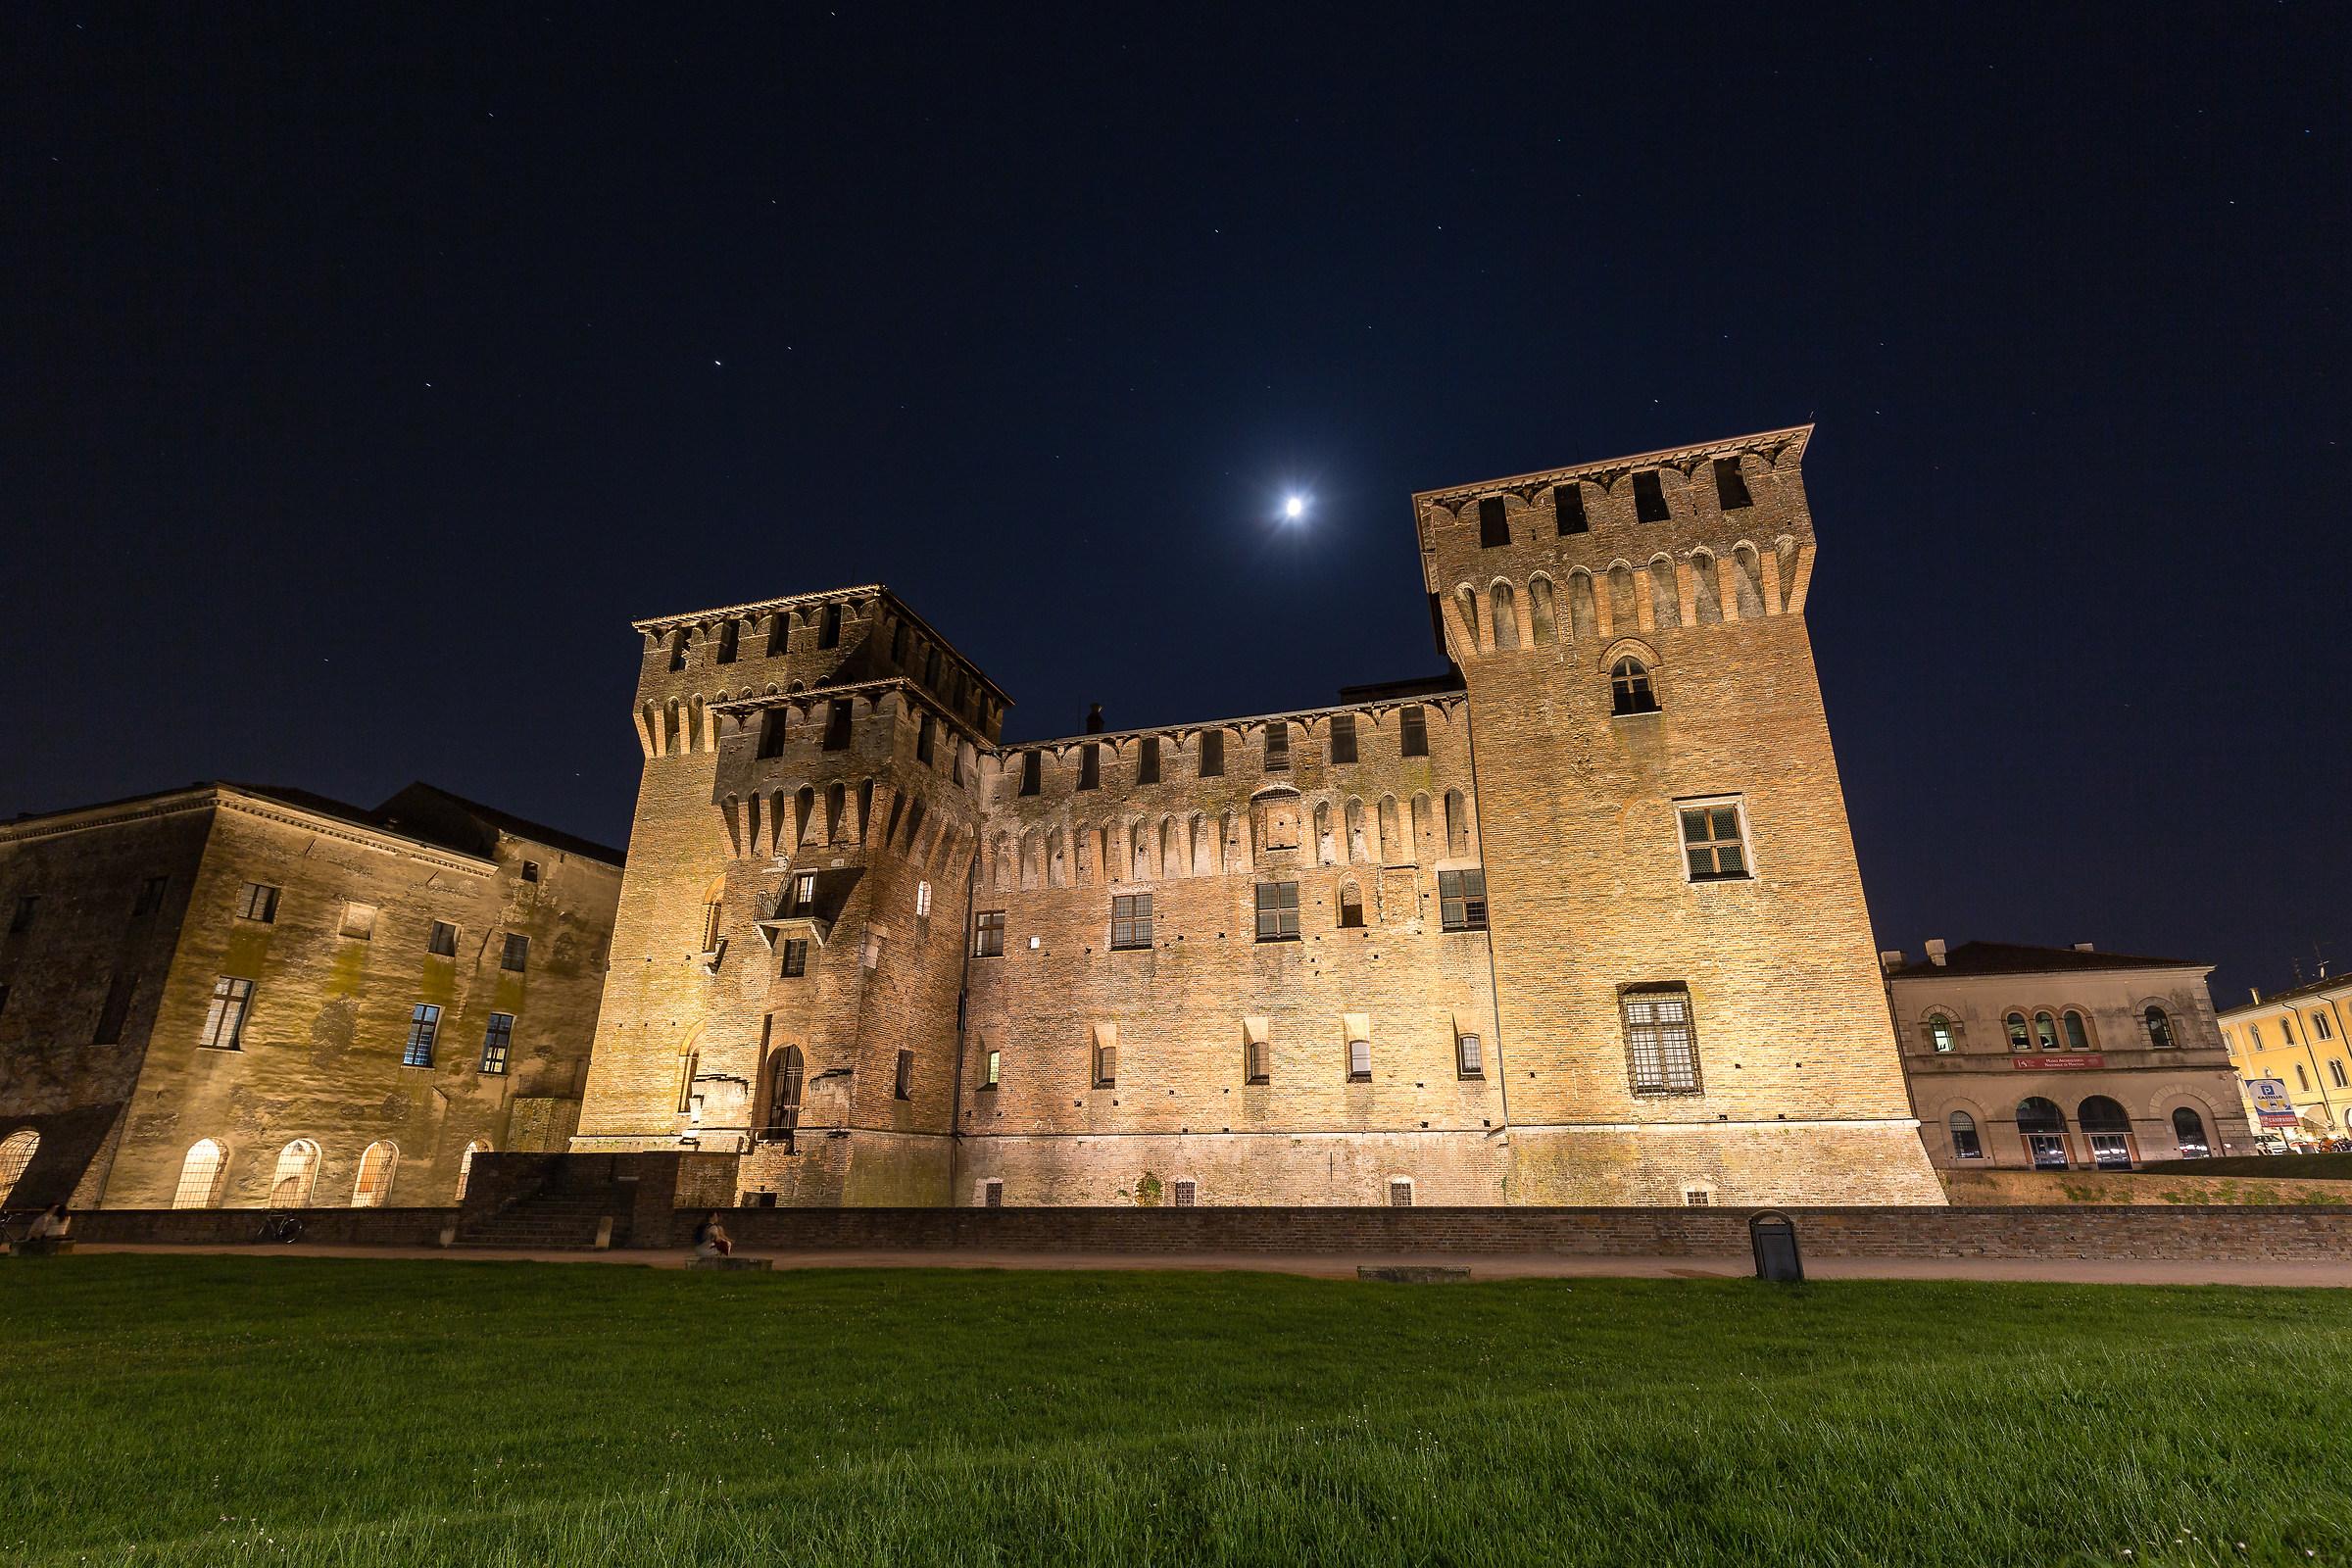 Mnatova and his castle...